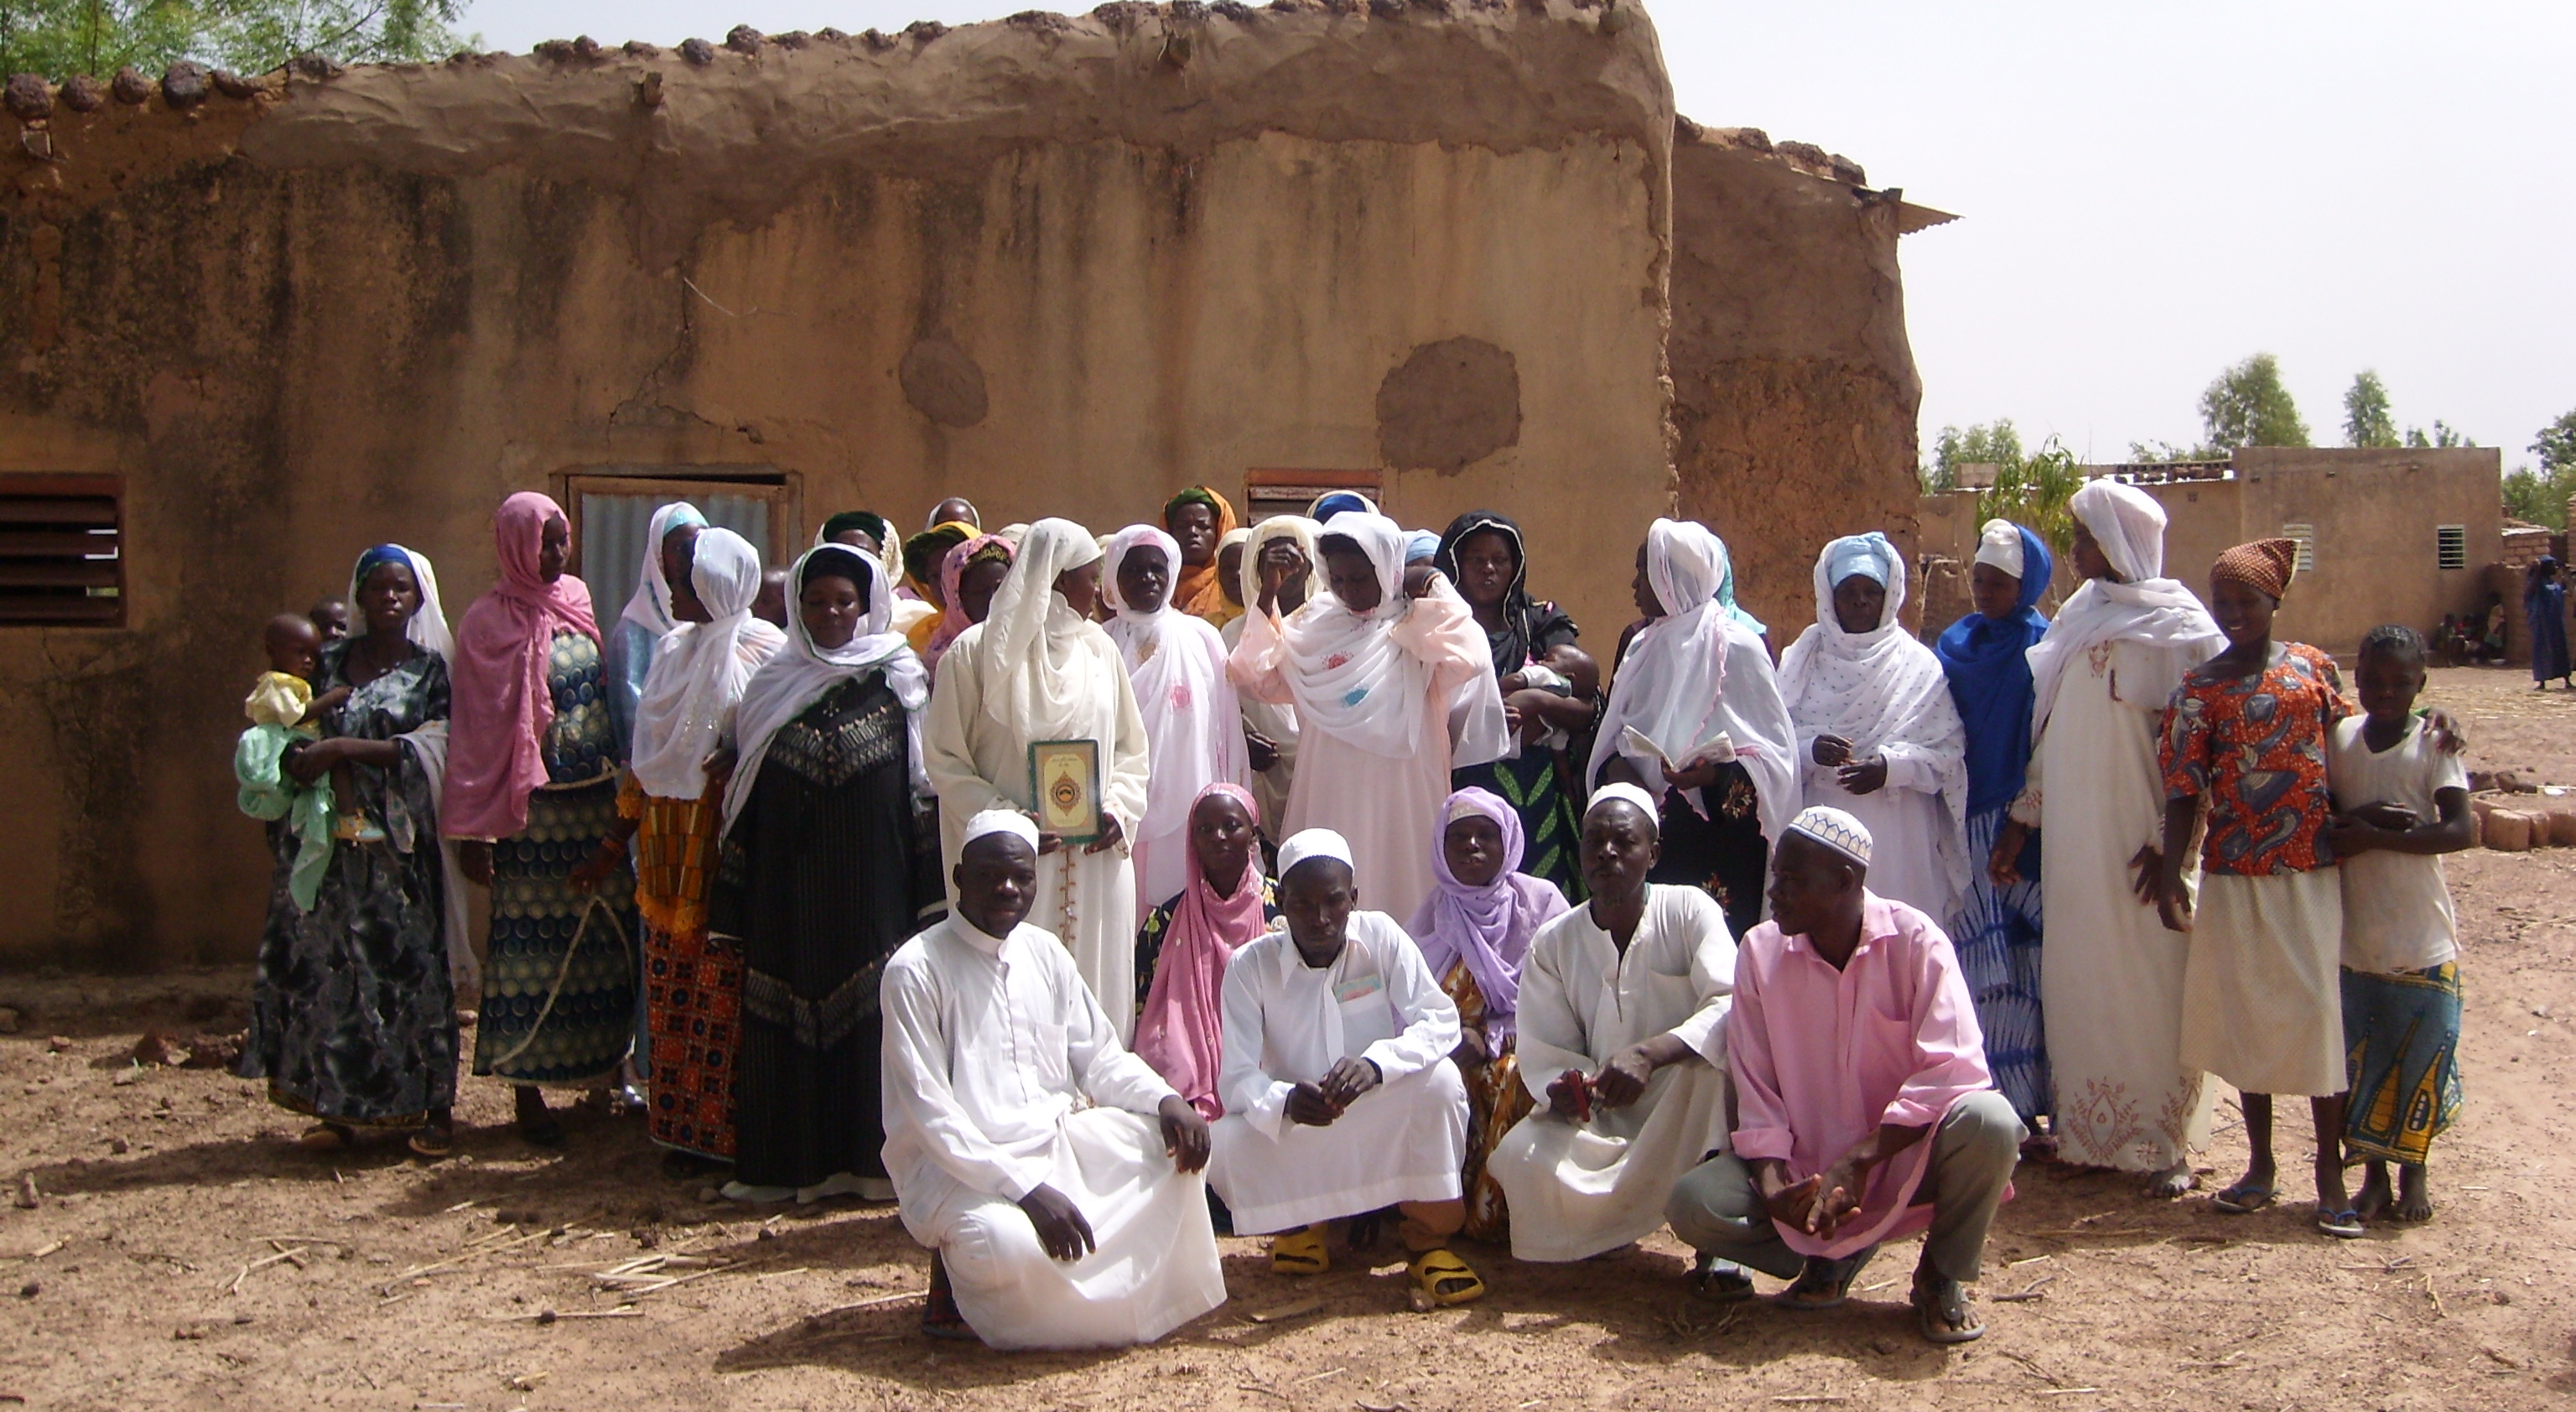 BF 2008 Leute im Dorf - keine Beschn neu